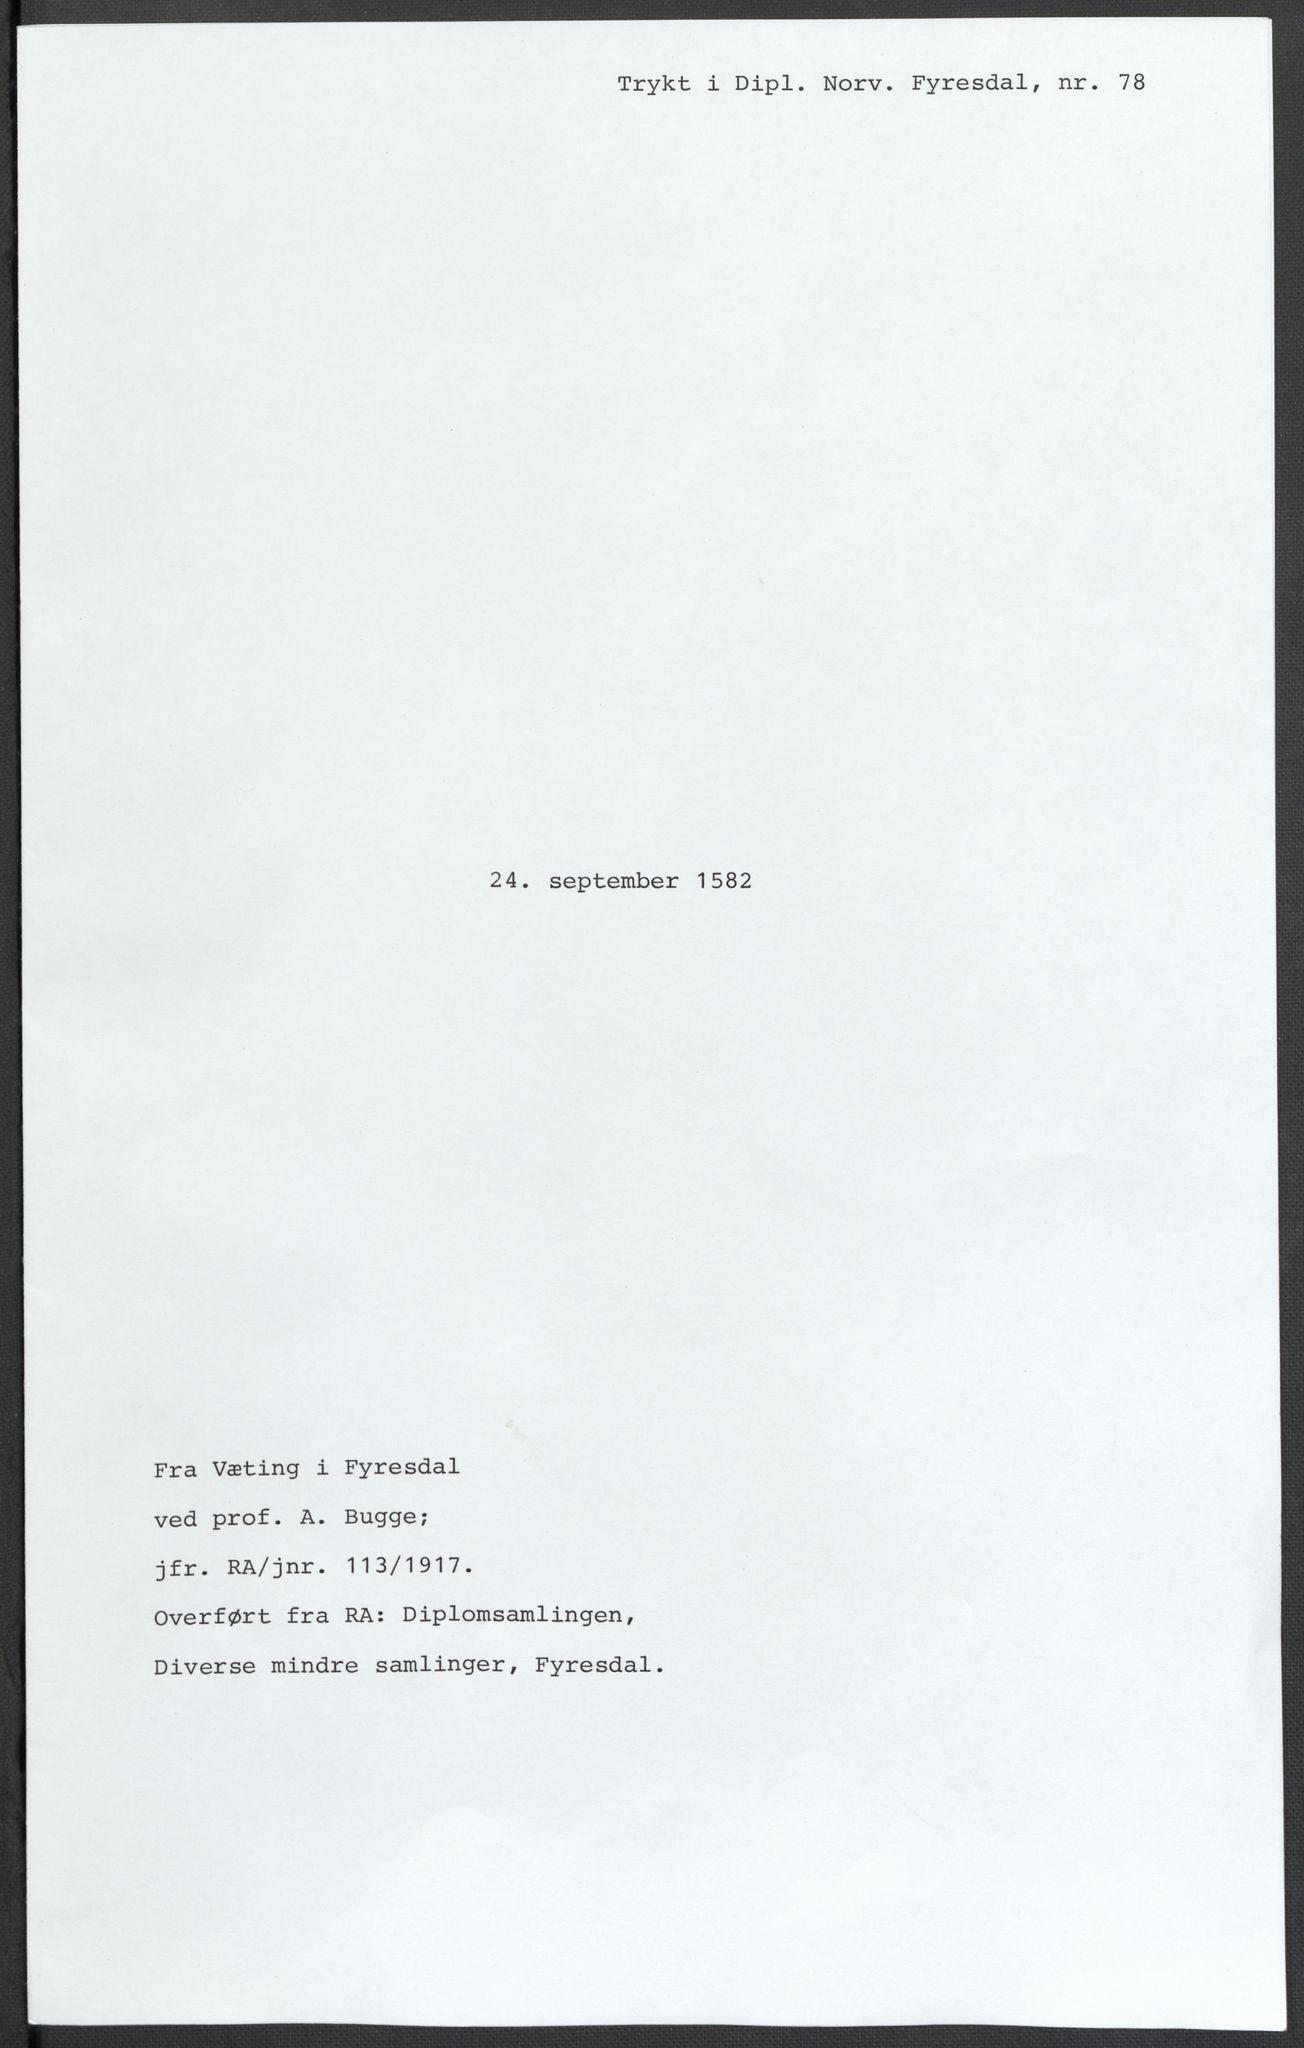 RA, Riksarkivets diplomsamling, F02/L0084: Dokumenter, 1582, s. 43